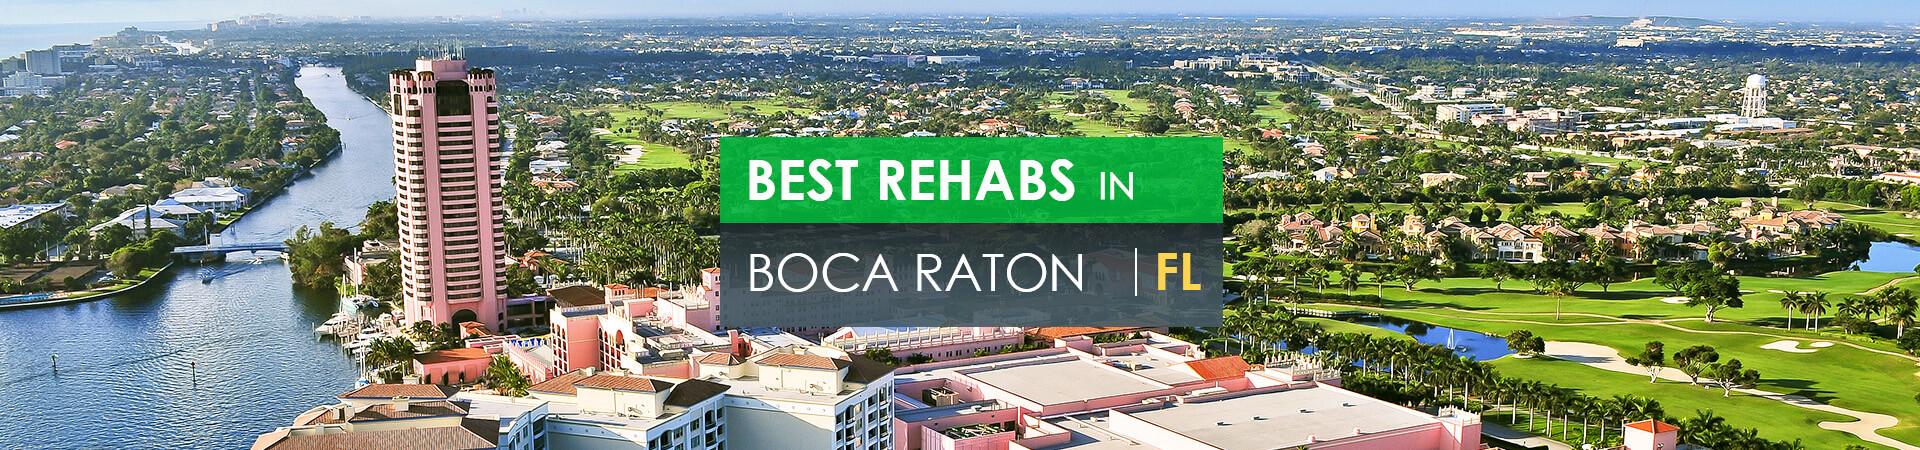 Best rehabs in Boca Raton, FL